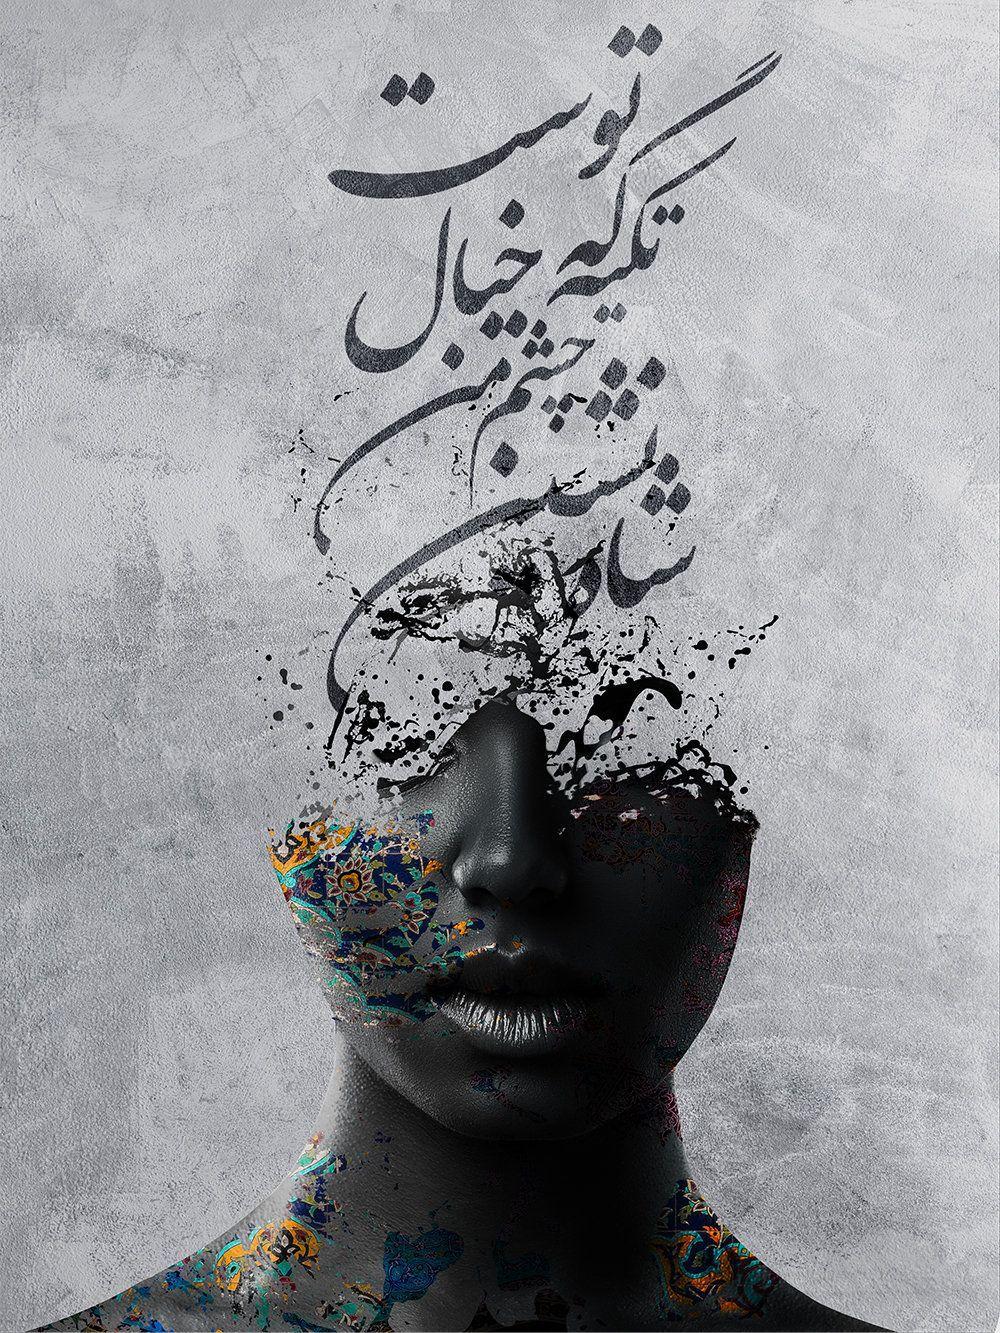 Ihre Augen Sind Alles Was Ich Brauche Kunst Auf Leinwand Persische Kalligraphie Arabische Persian Art Painting Persian Calligraphy Art Calligraphy Art